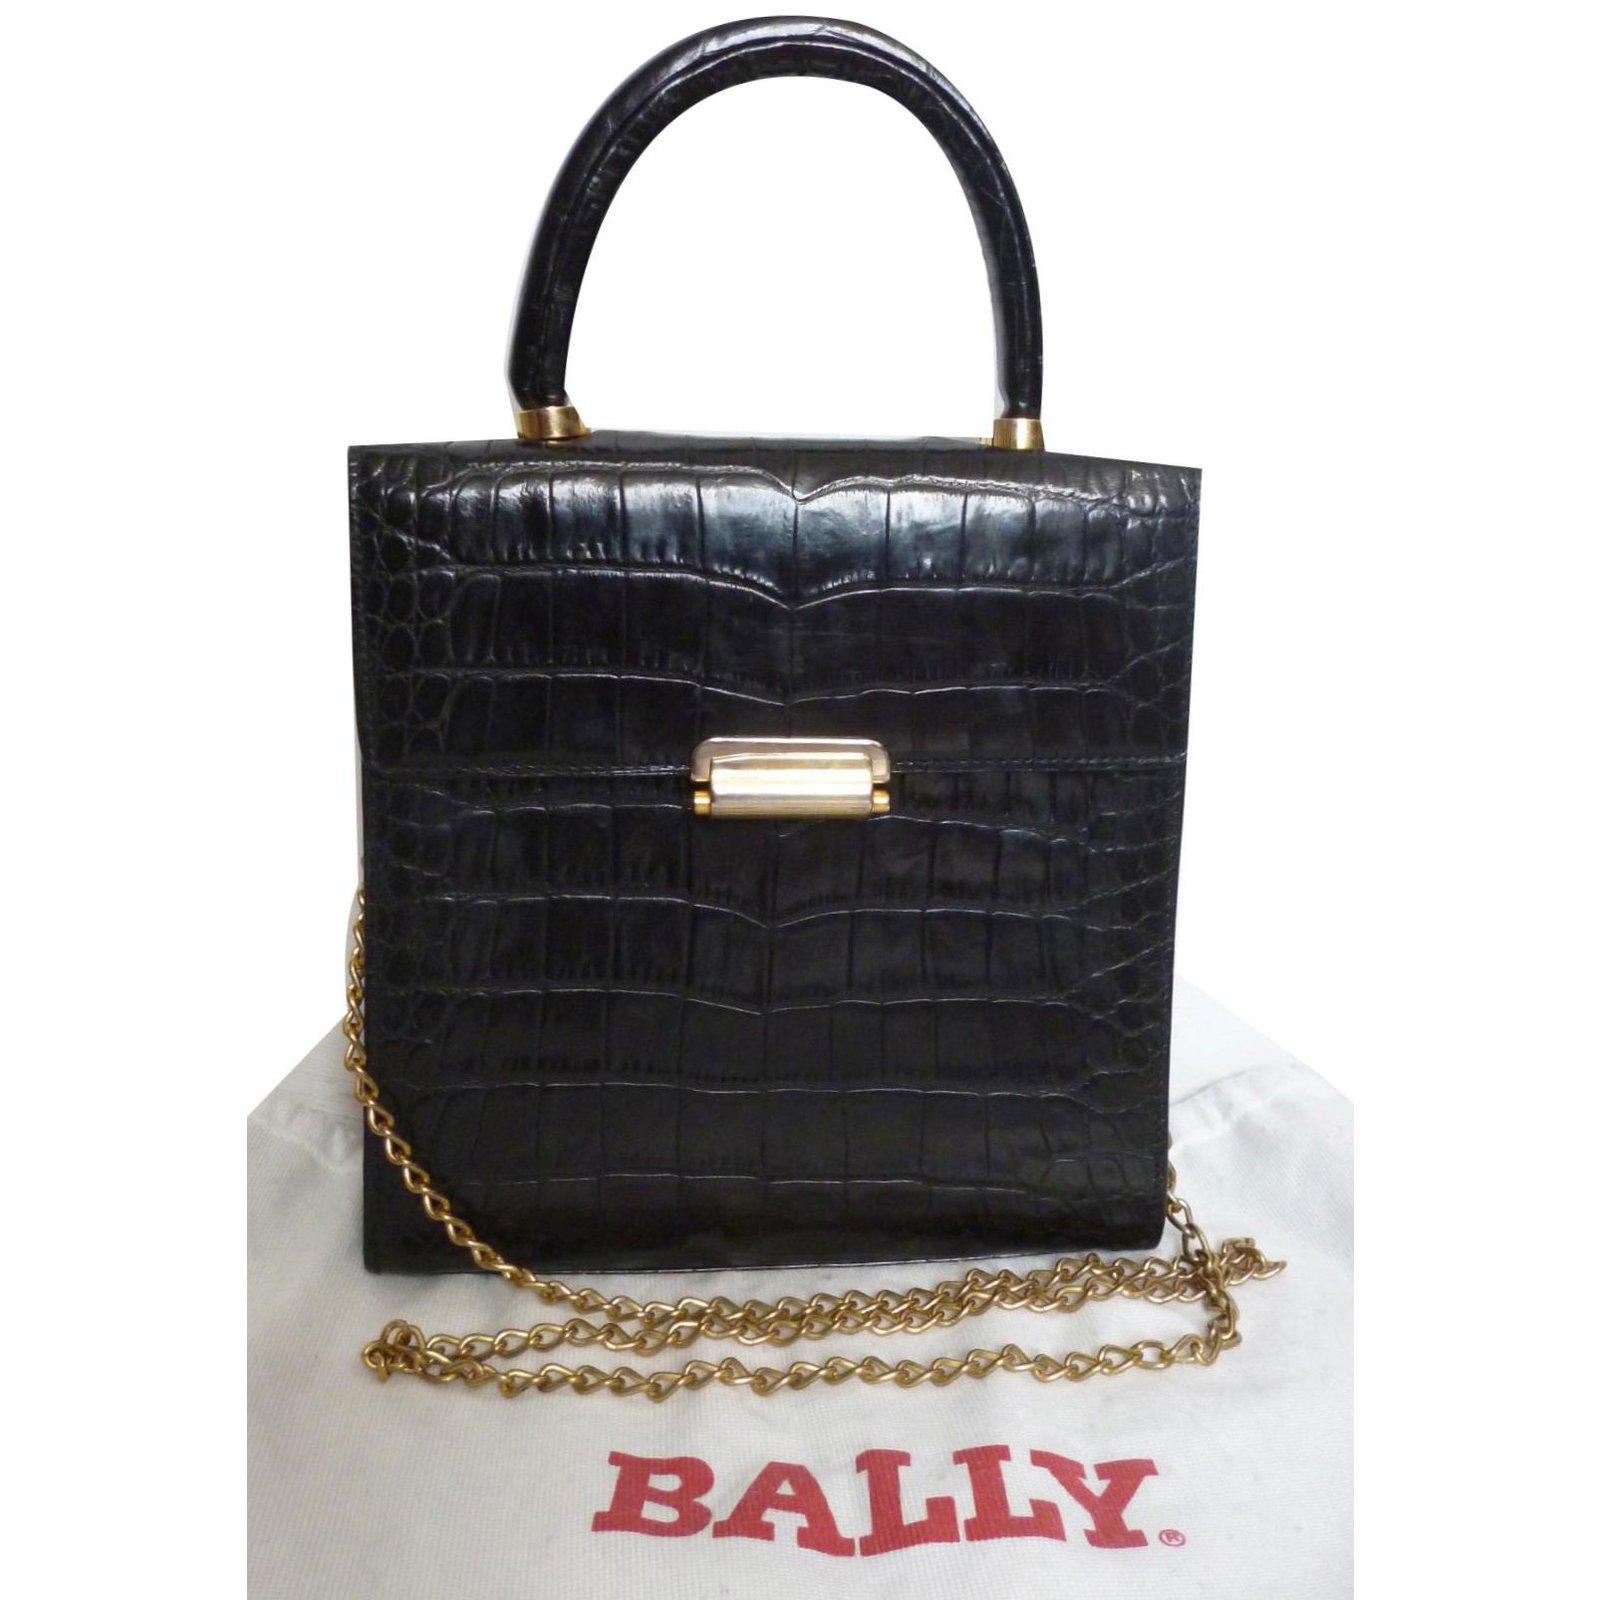 10de973e627c Bally Handbags Handbags Leather Black ref.79414 - Joli Closet